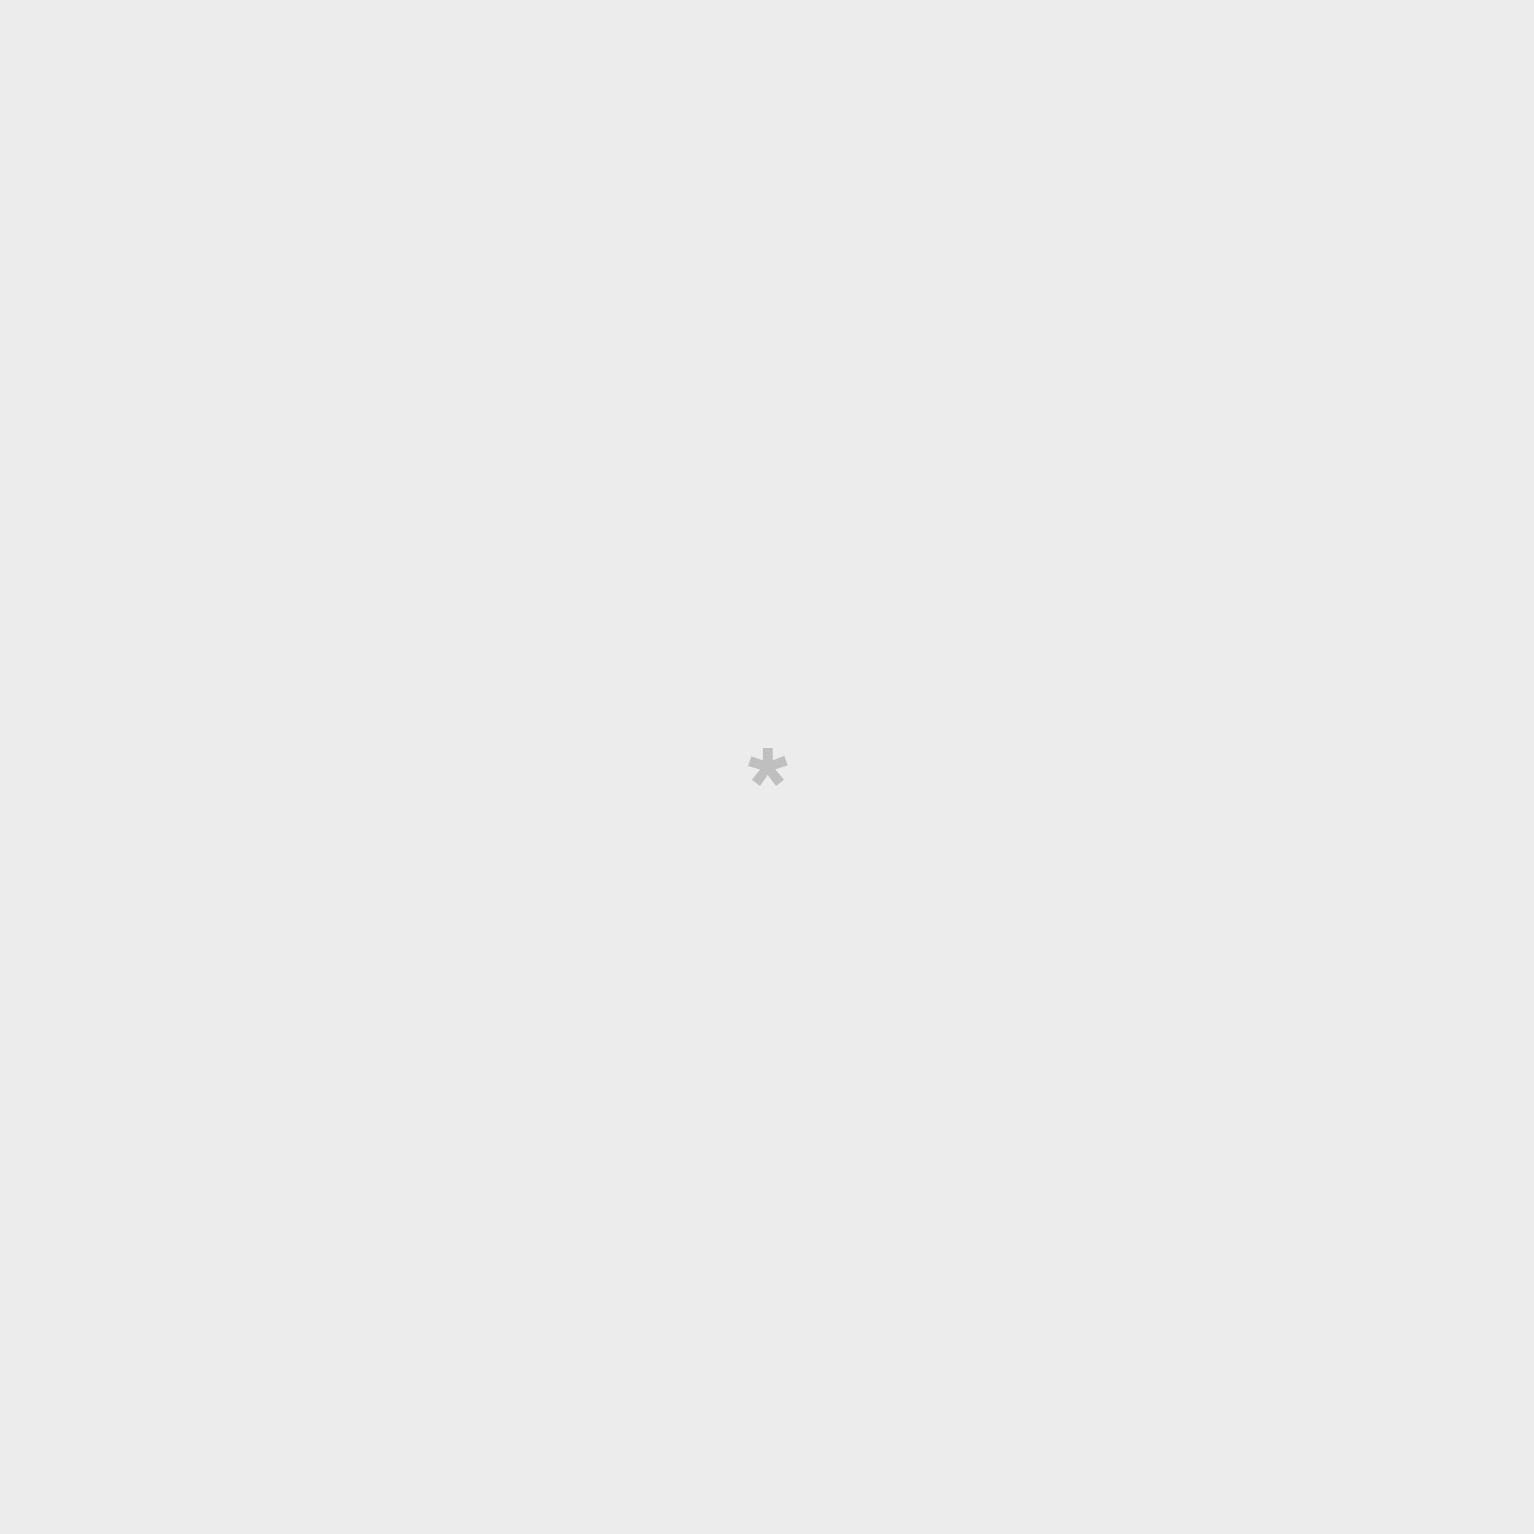 Rollo de papel pintado wonder - Buenos días y buenas noches (Color Neutral)